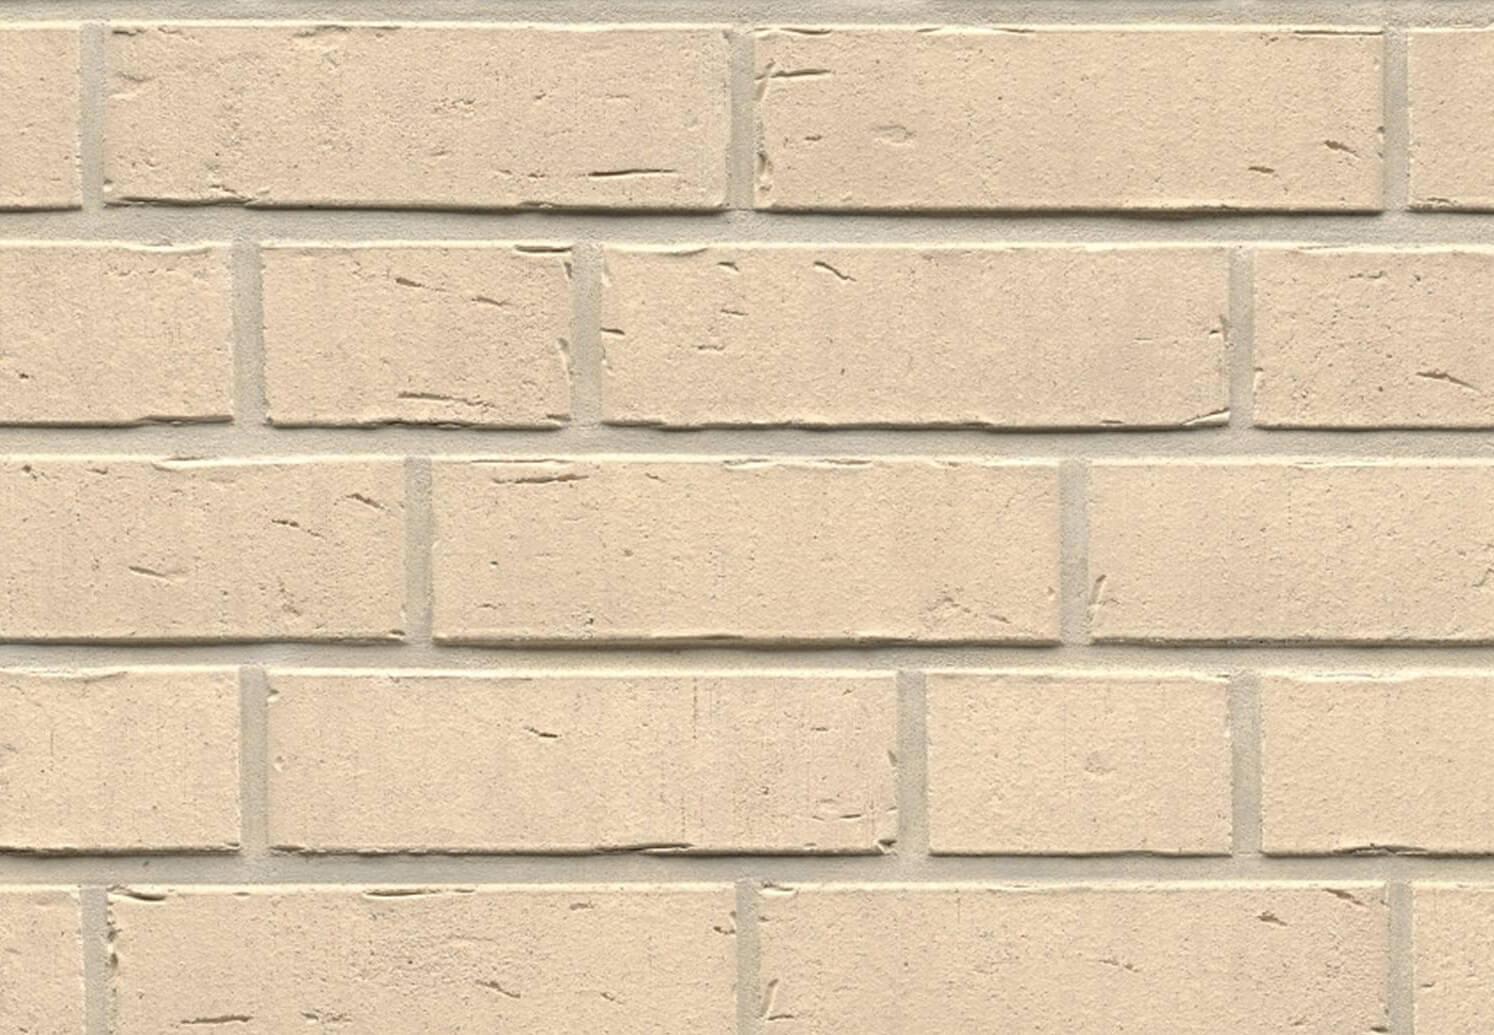 Feldhaus Klinker - R763NF14, Vascu Perla, 240x14x71 - Клинкерная плитка для фасада и внутренней отделки